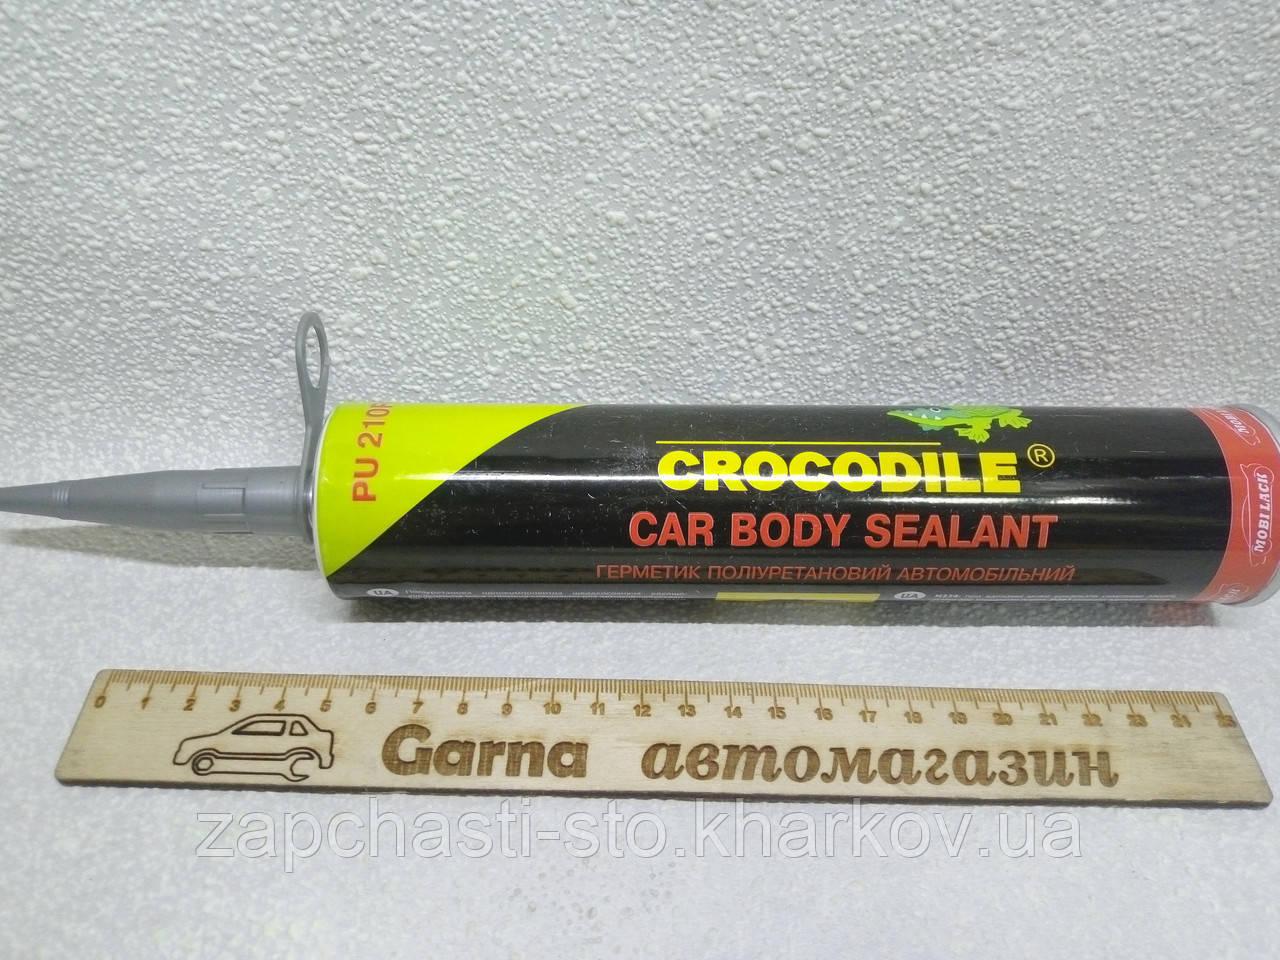 Полиуретановый клей герметик автомобильный серый шовный Crocodile 310 мл (крокодил)